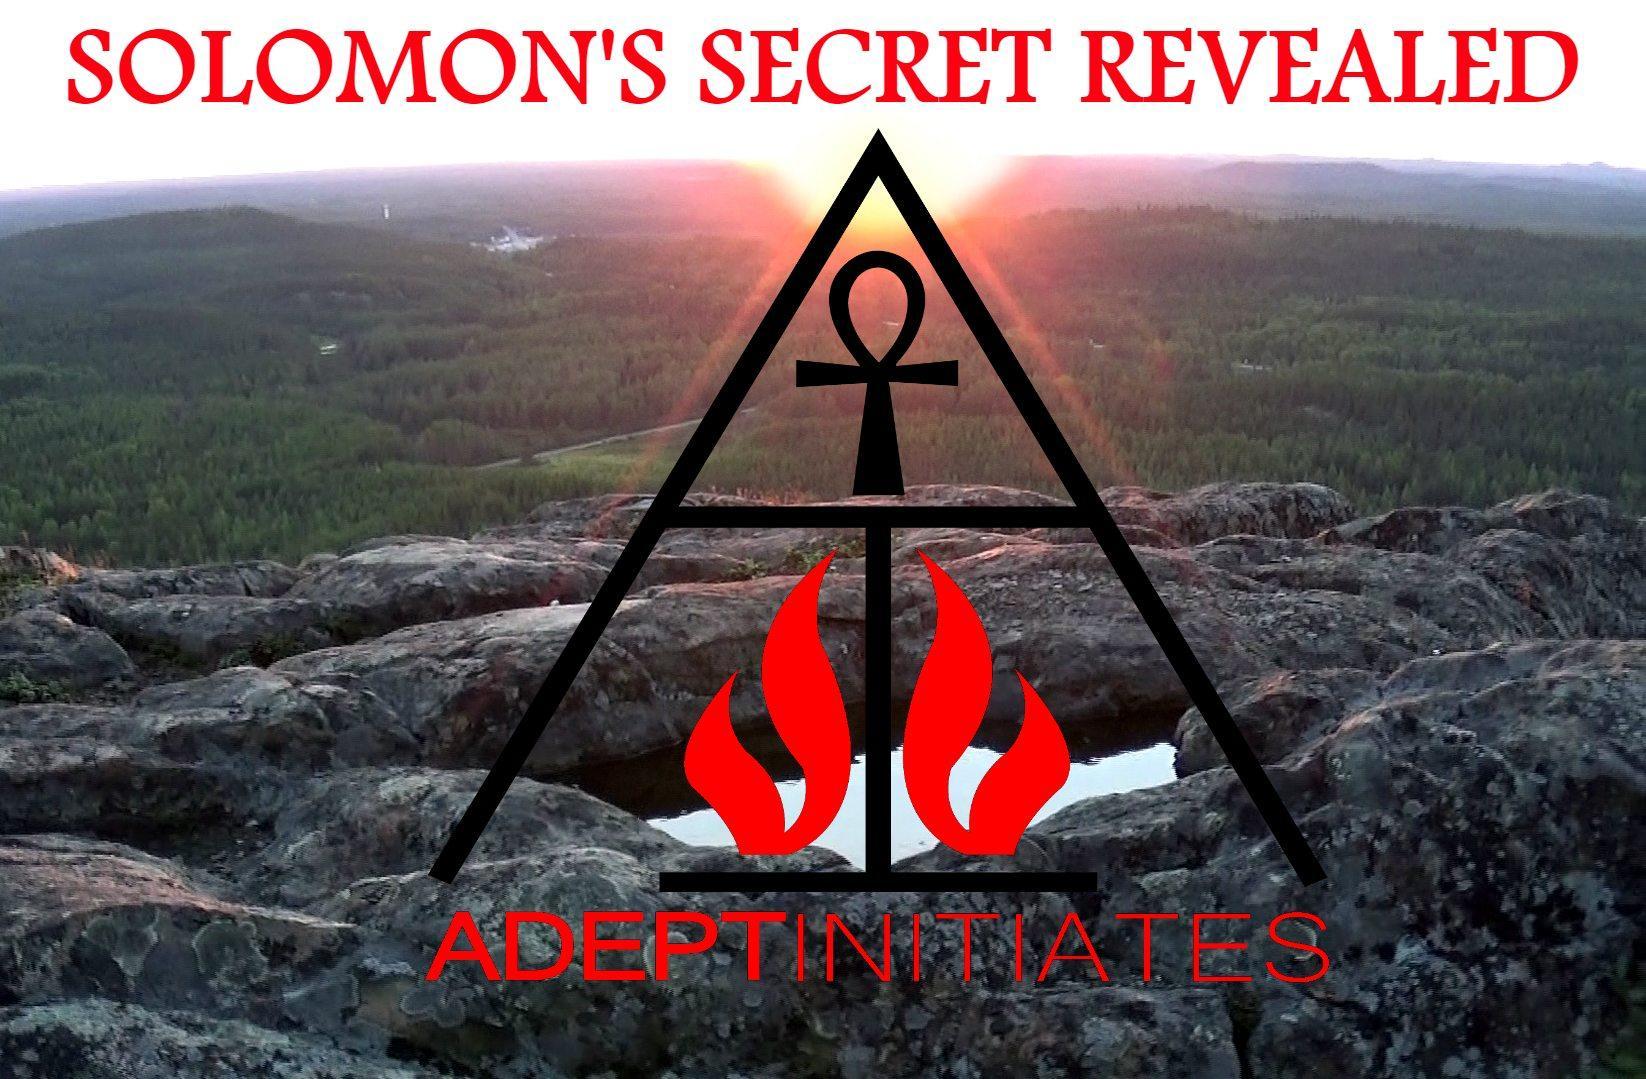 Solomon's Secret Revealed